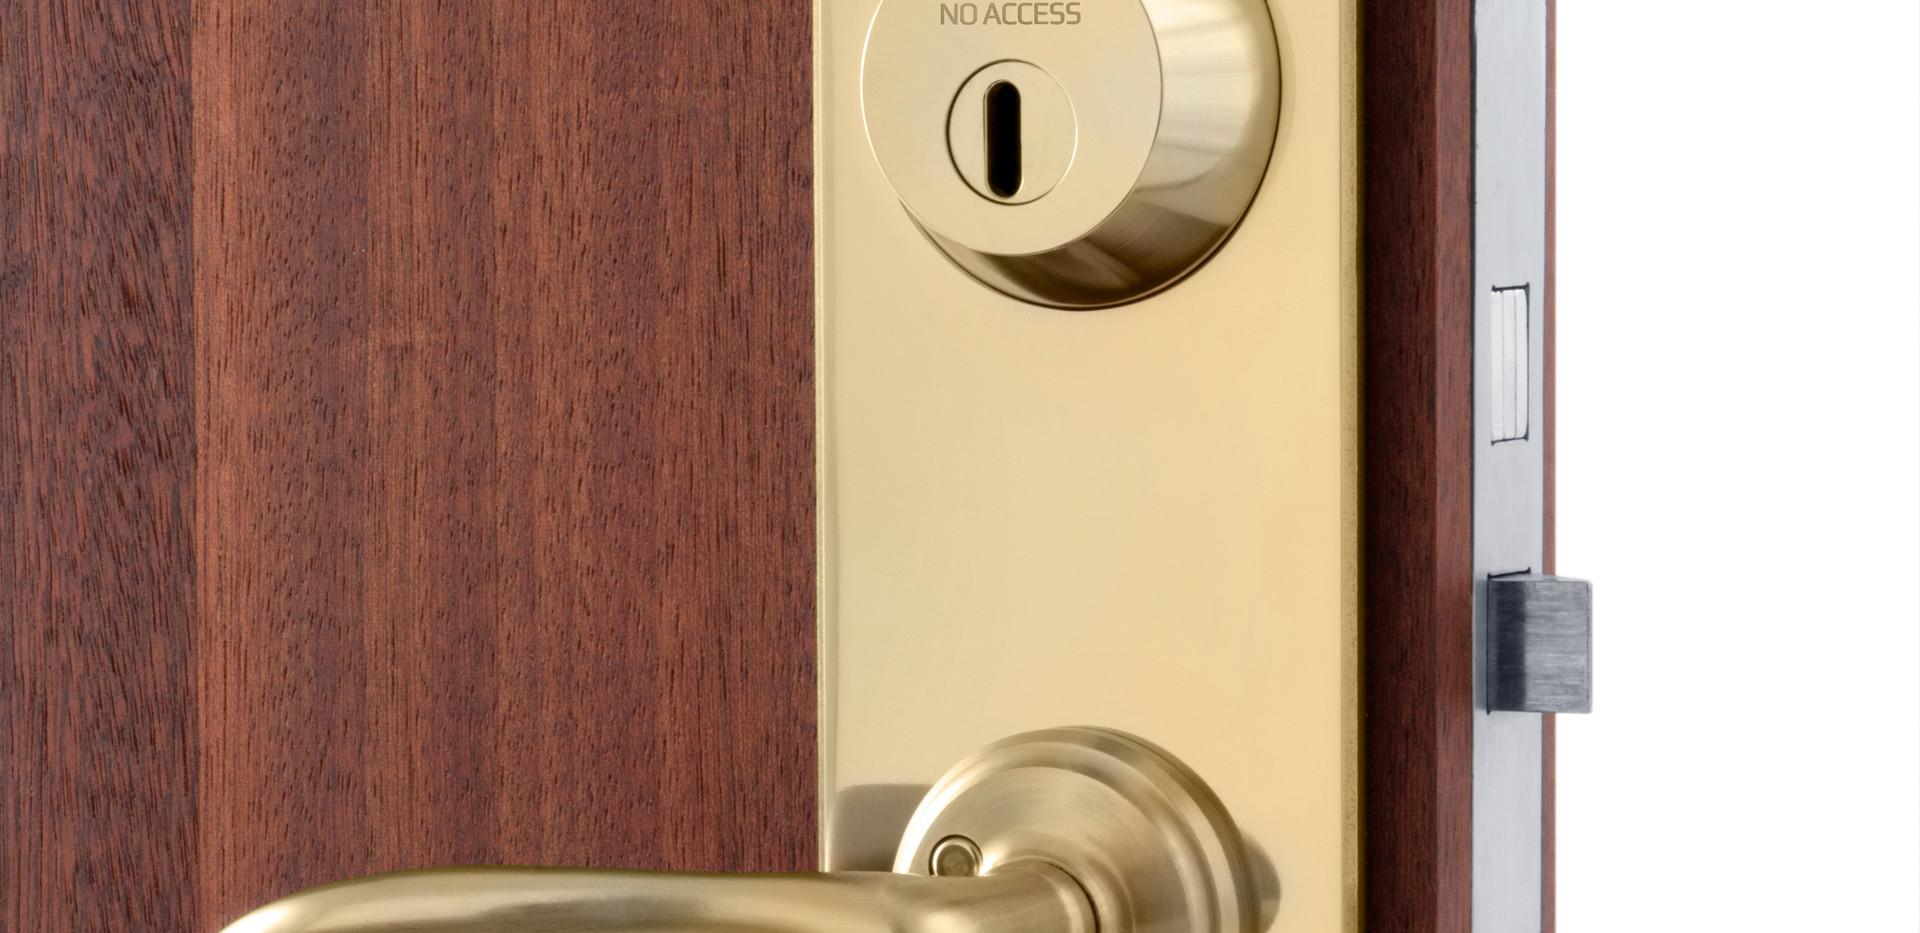 No Access låssystem mässing